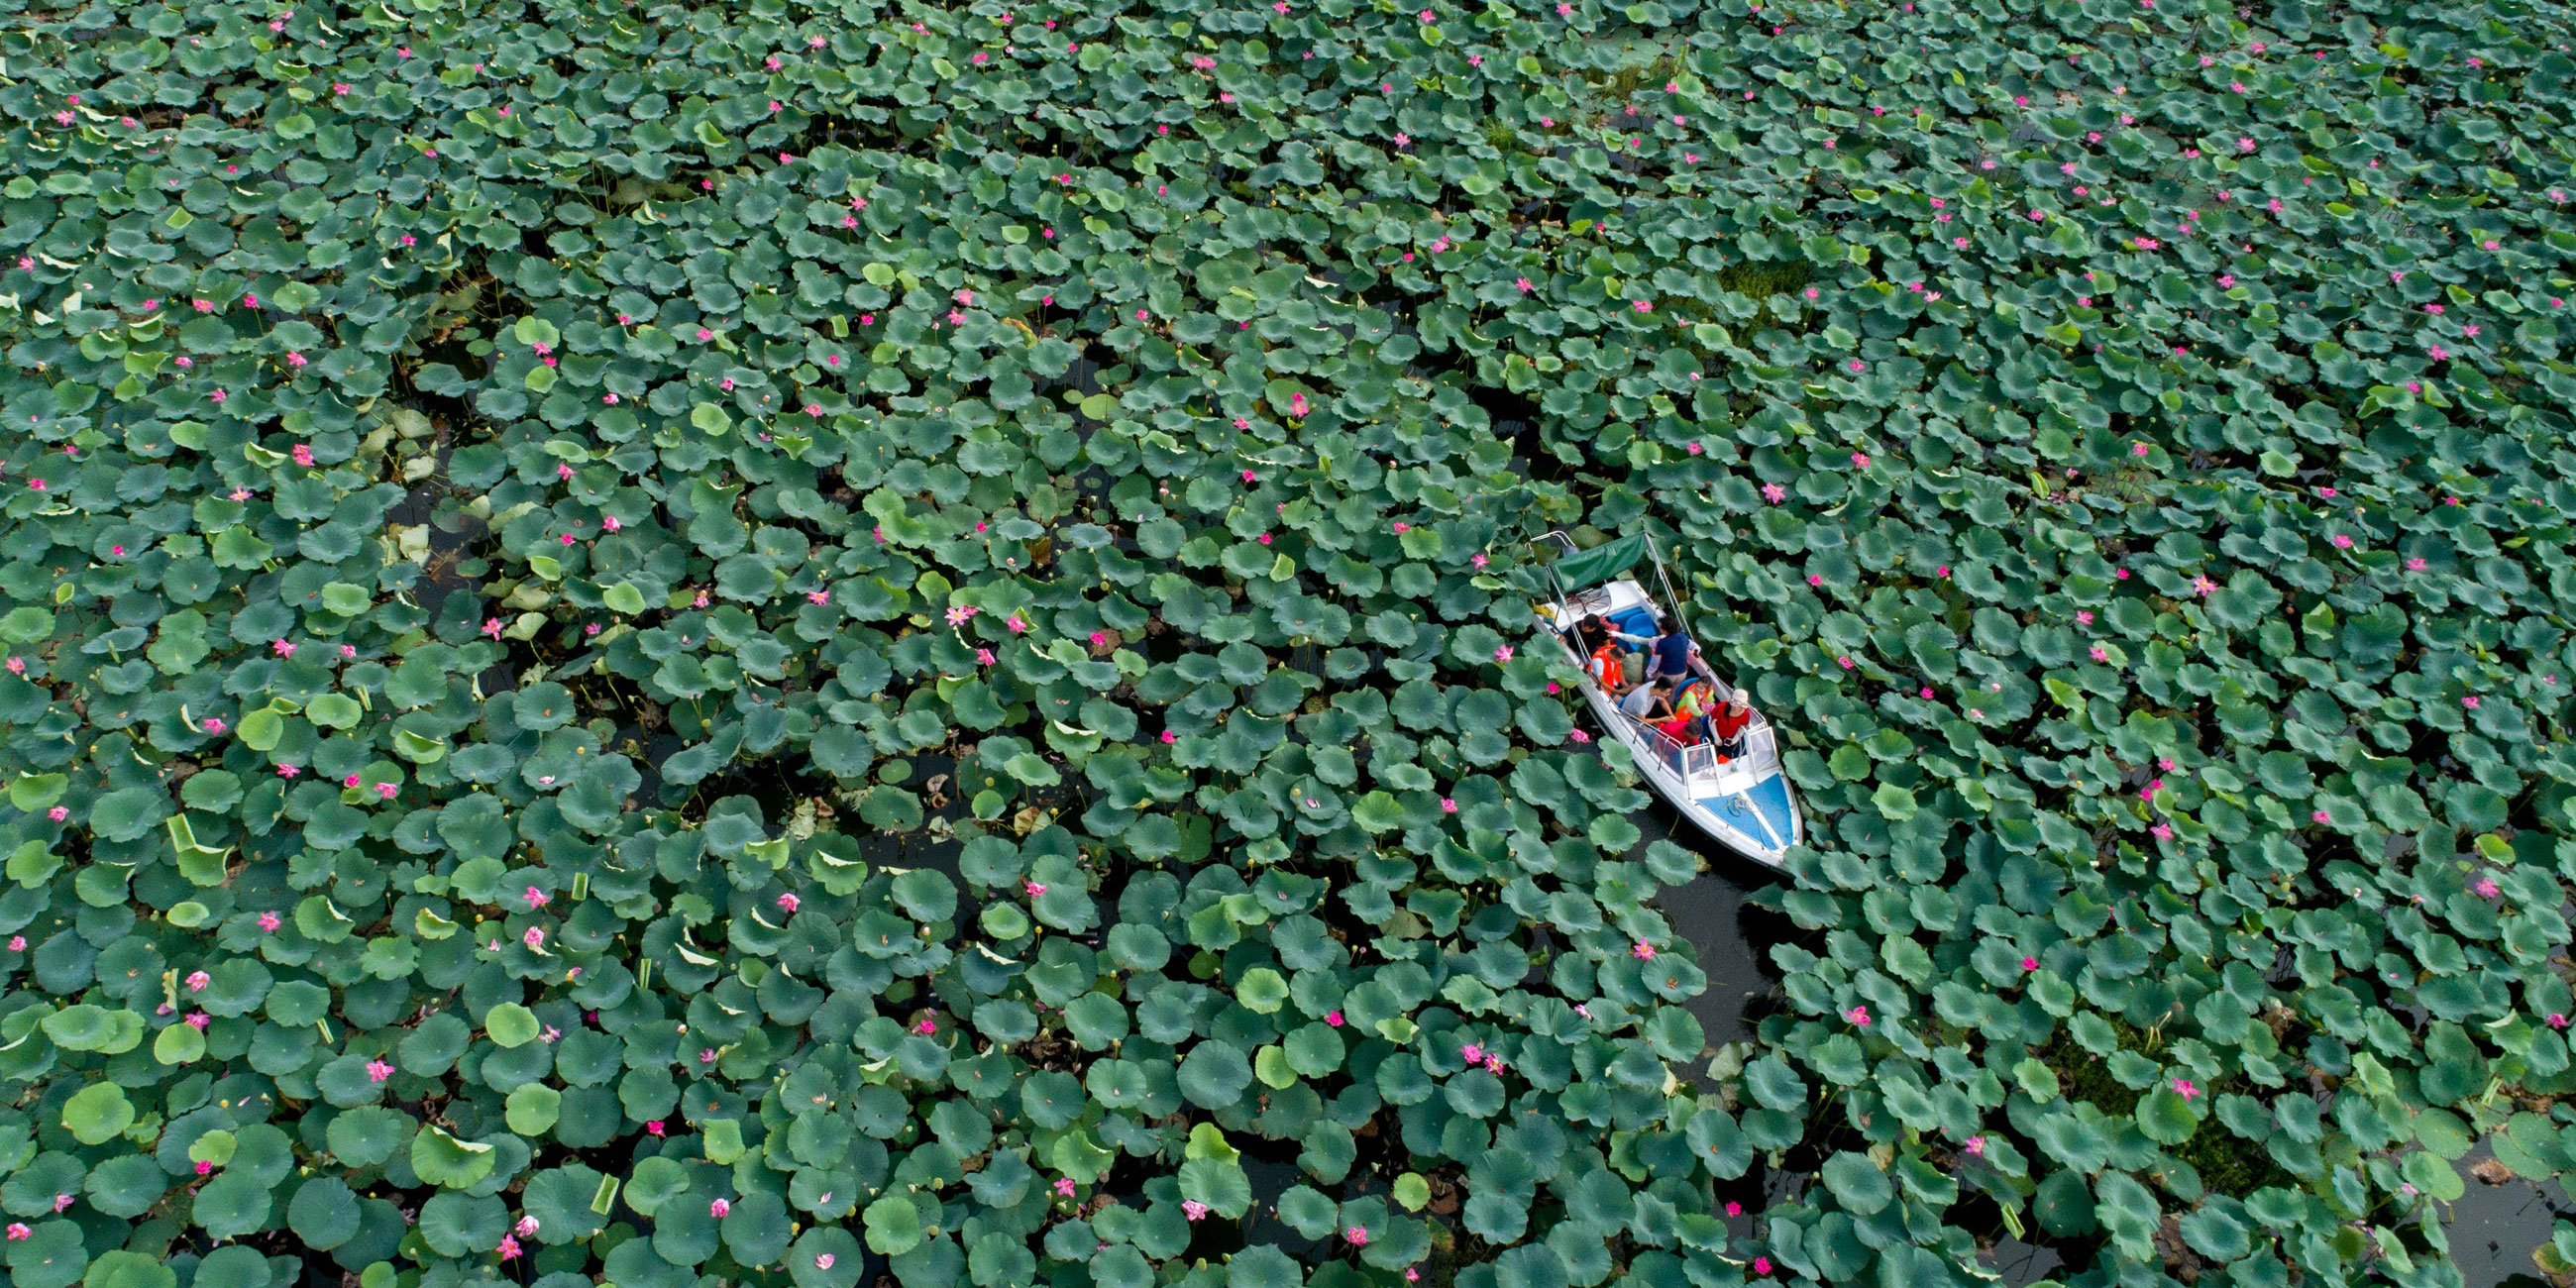 Катер повезет вас по узкой водной дорожке сквозь густые заросли лотосовых листьевФото: globallookpress.com